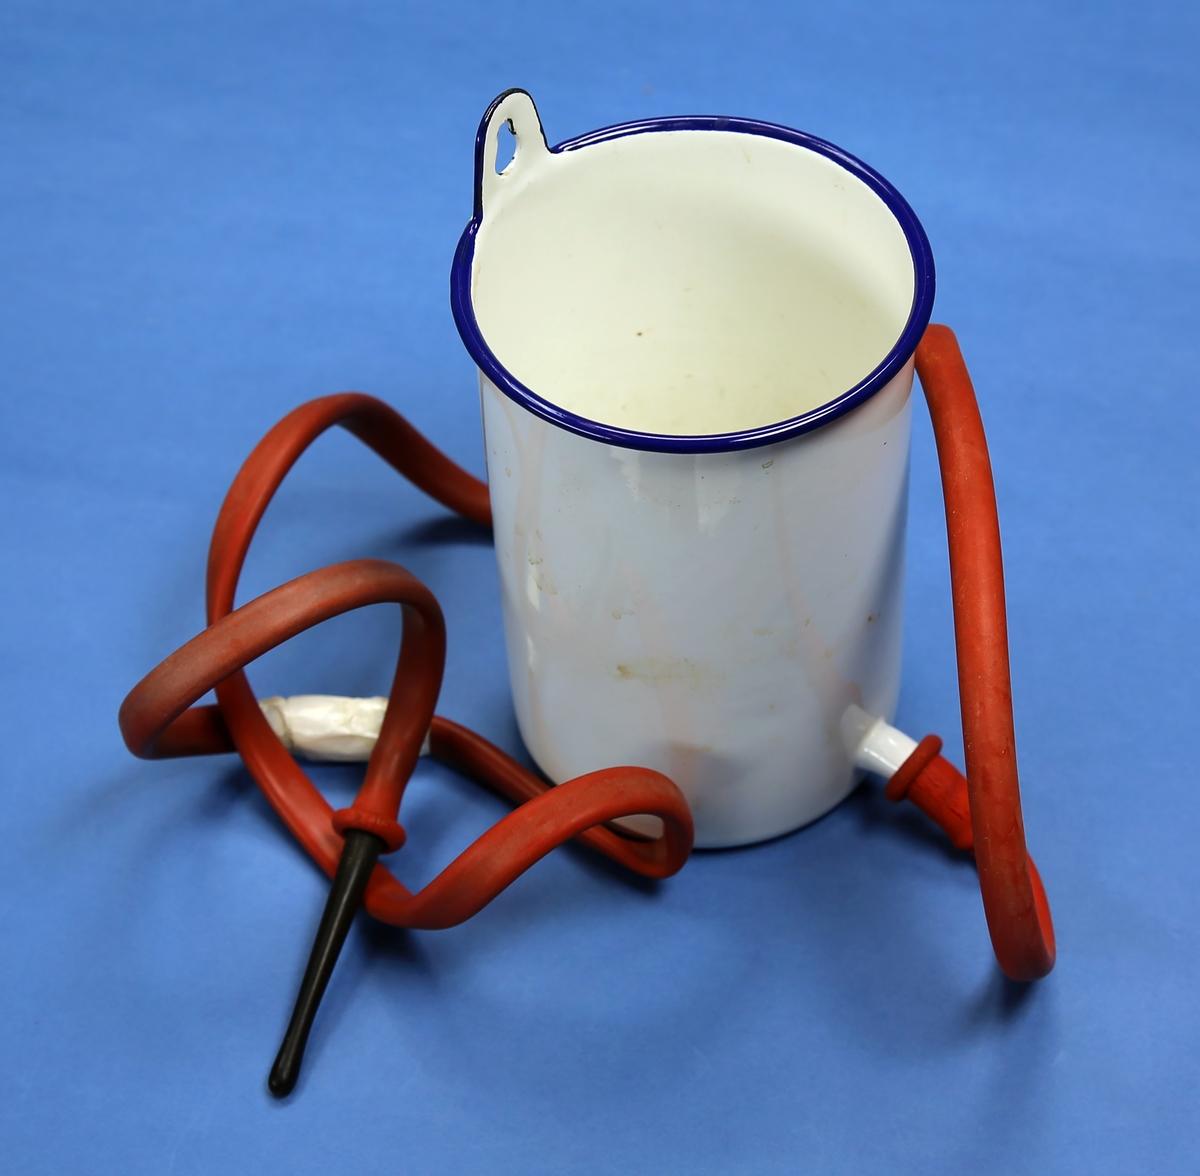 Kanne av emaljert metall, til flergangsbruk, med opphengskrok på øvre kant og en tut ved bunnen for tilkobling av slange der en gummislange med en plastsylinder i enden er festet på